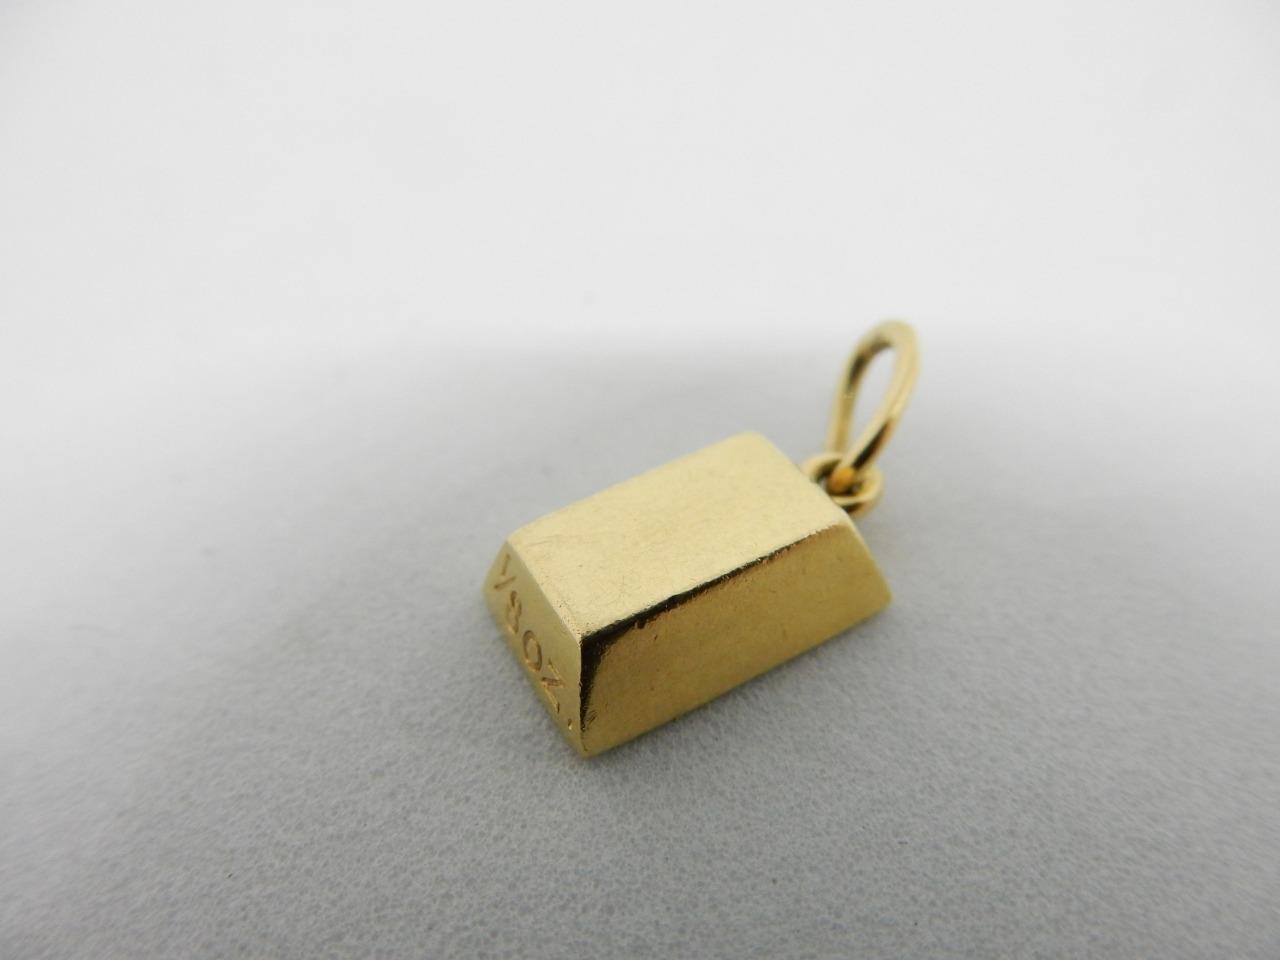 62adff1da68e1 Details about CARTIER 18 KT YELLOW GOLD, 1/8 OZ GOLD BAR PENDANT #W560